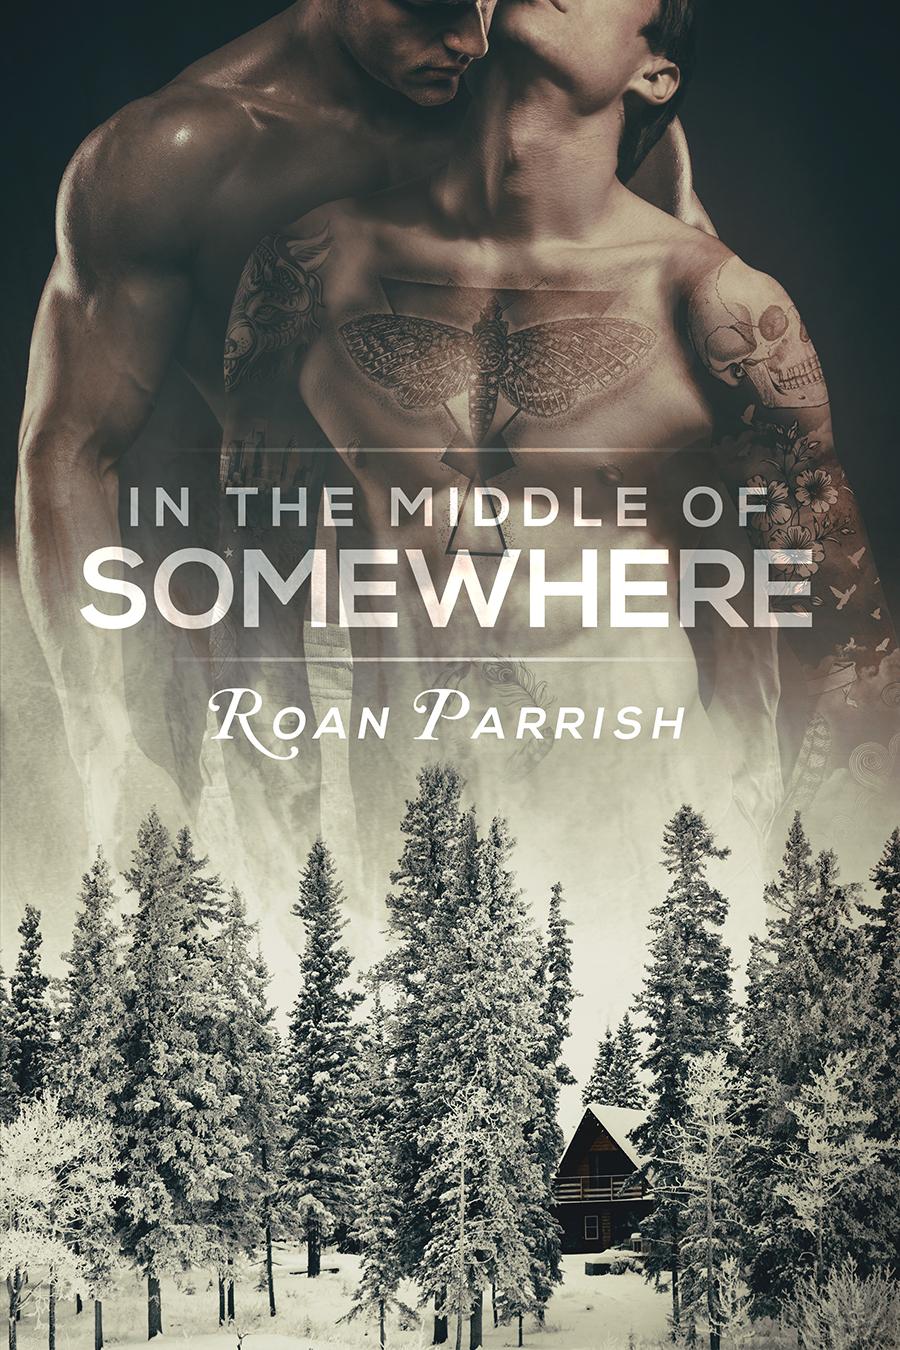 Roan Parrish, contemporary romance author